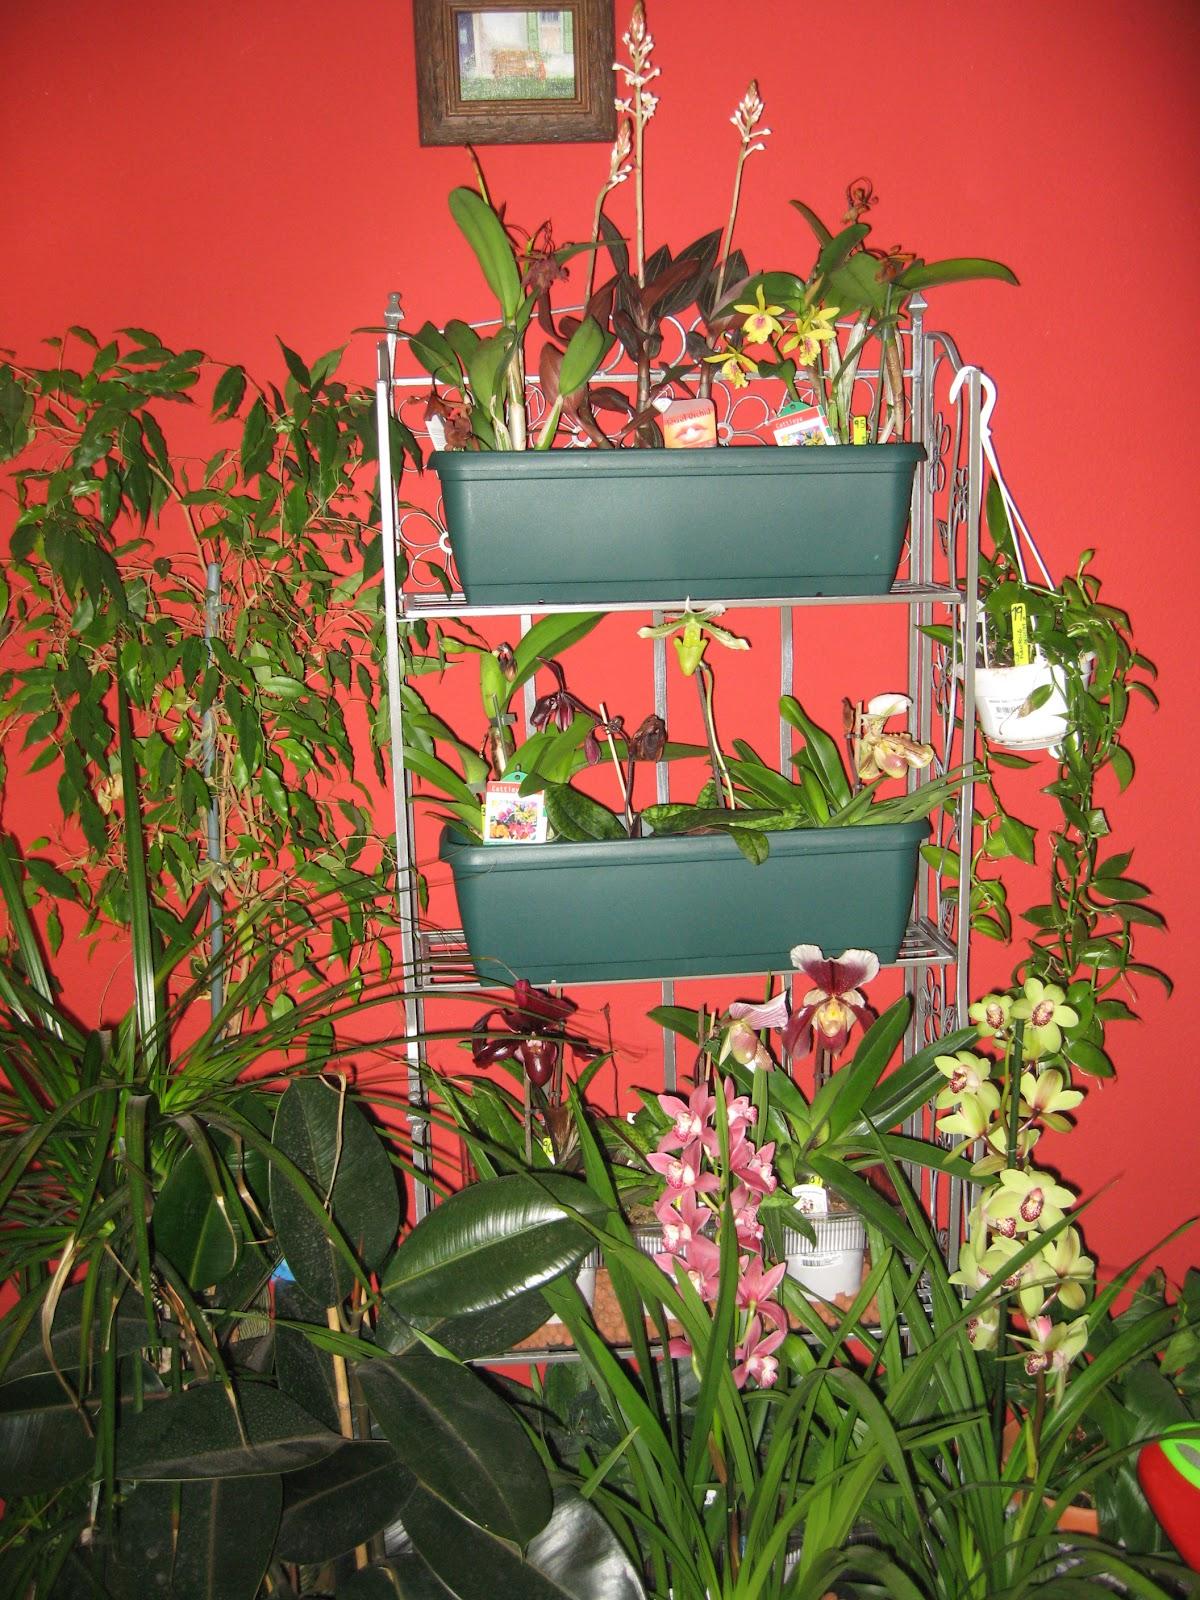 Colocar orqu deas en casa otra soluci n - Estanteria para plantas ...